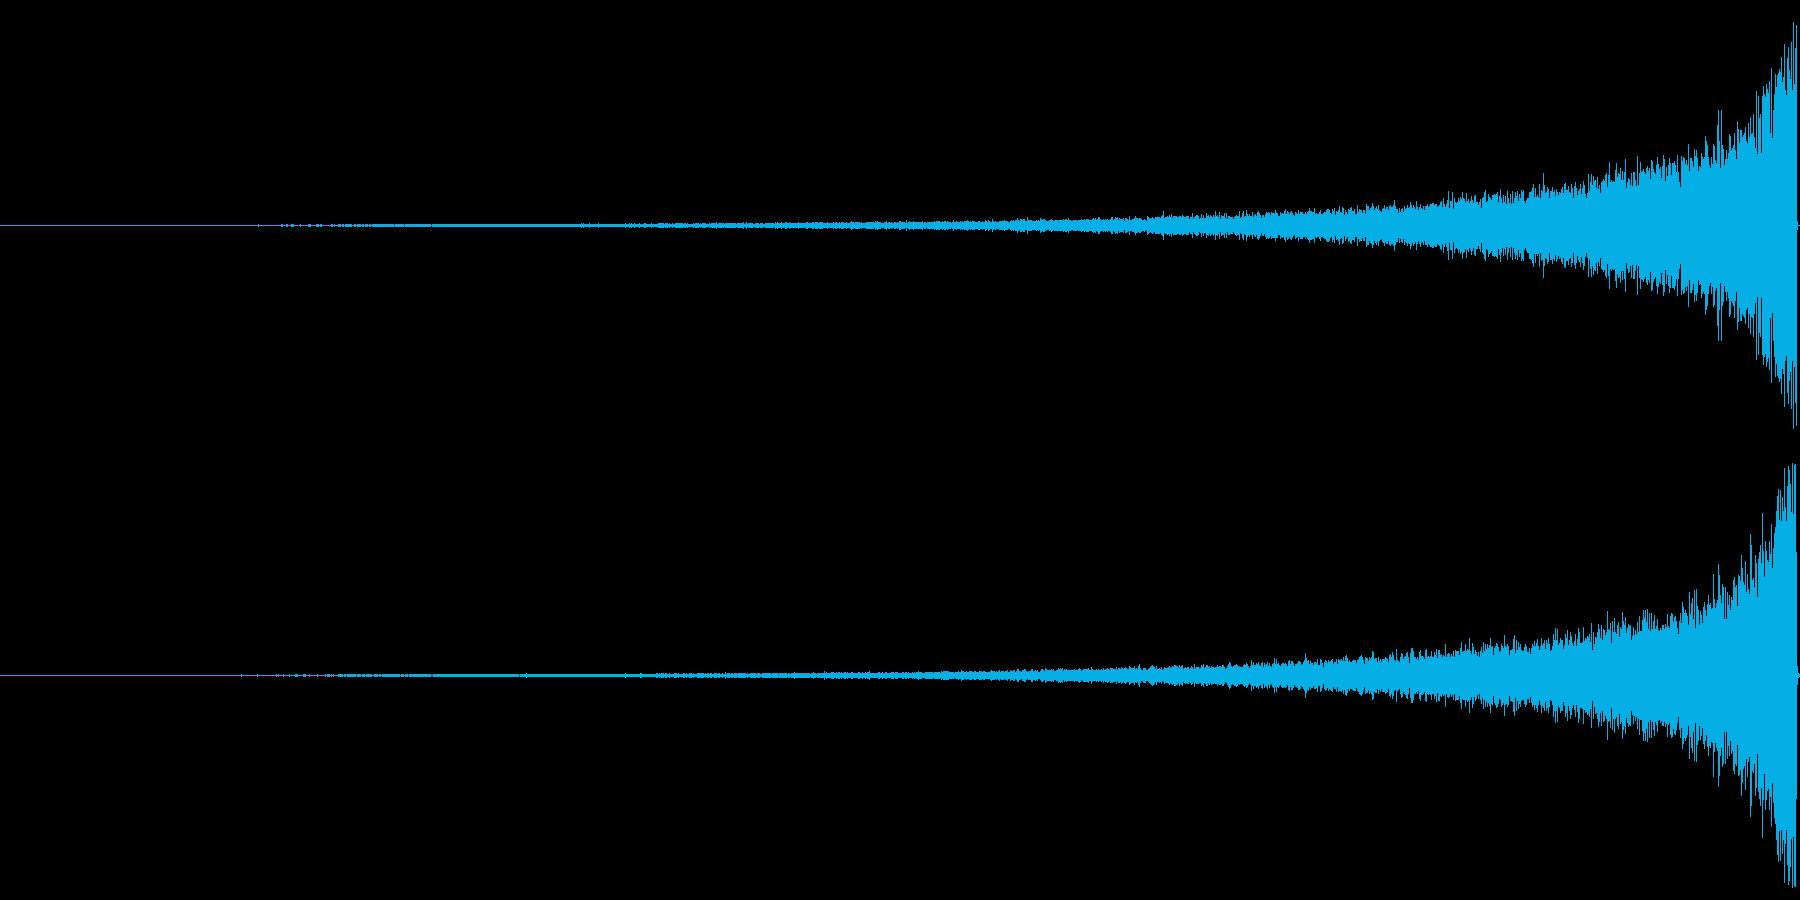 リバースシンバル・カットアウト_01の再生済みの波形